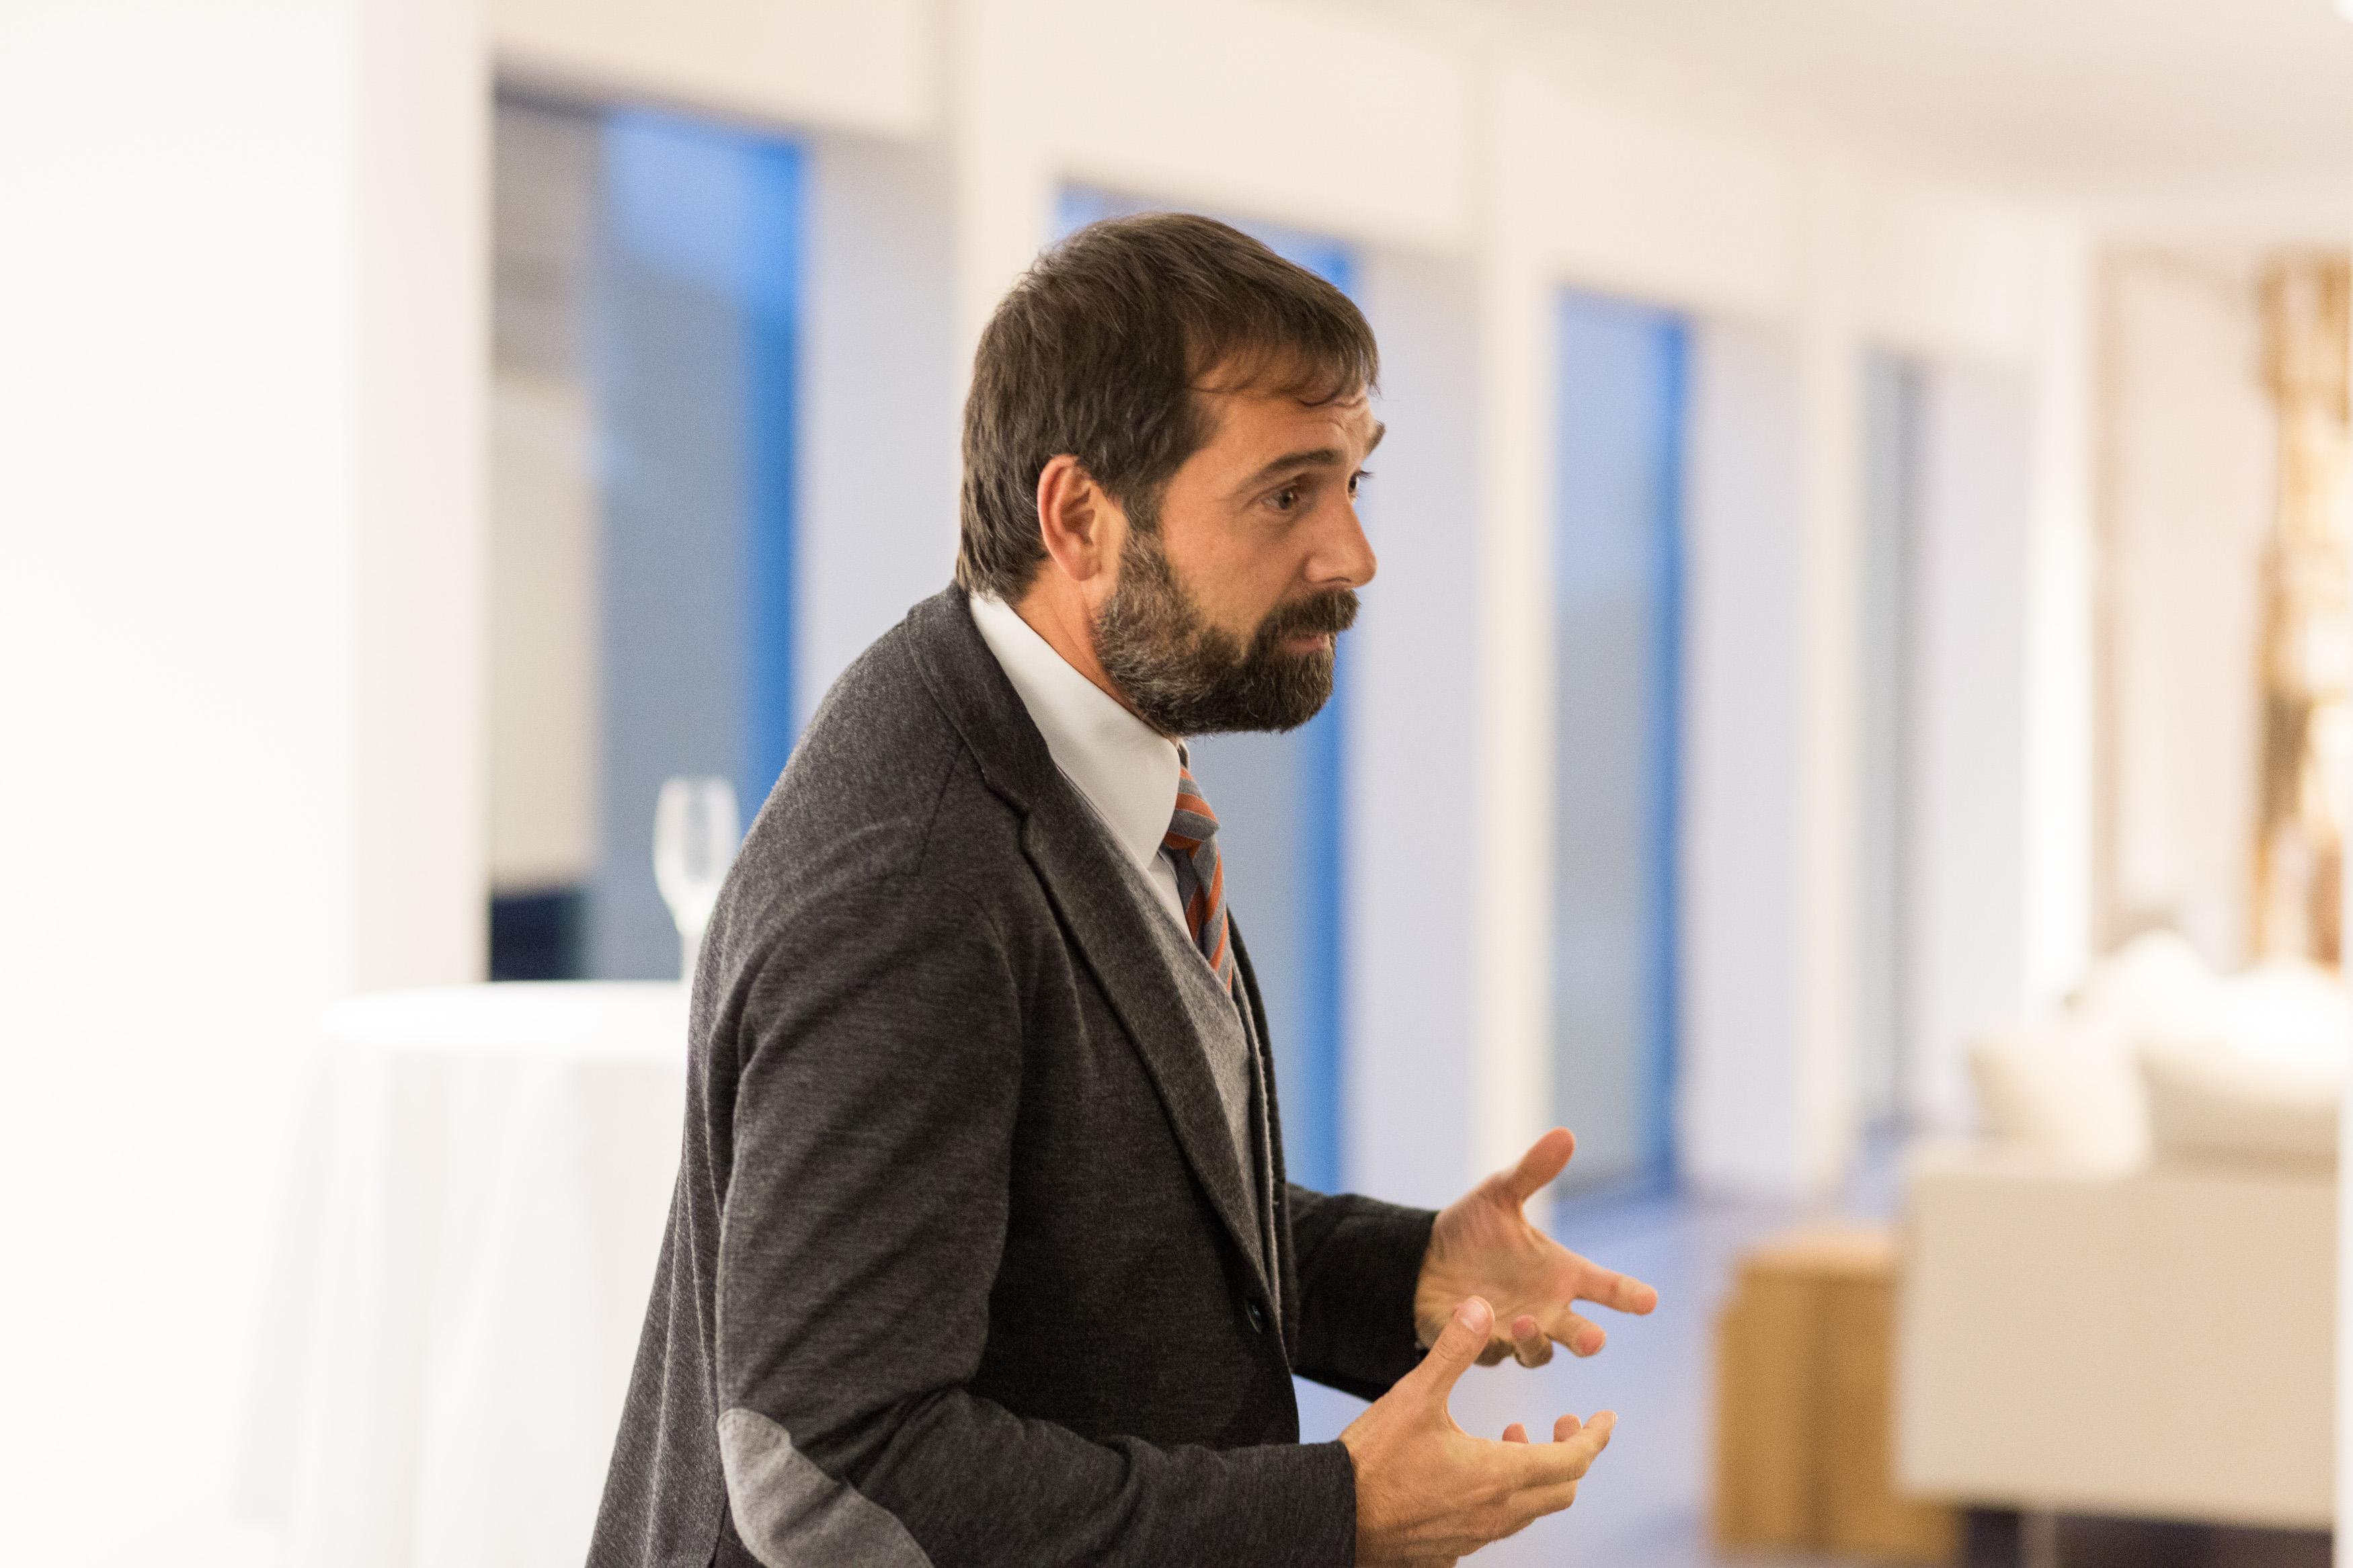 Beratung, Begleitung und Trainung z.B. durch Prof. (FH) Dott. Markus Weishaupt, Senior Berater und Geschäftsführender Gesellschafter von Weissman International